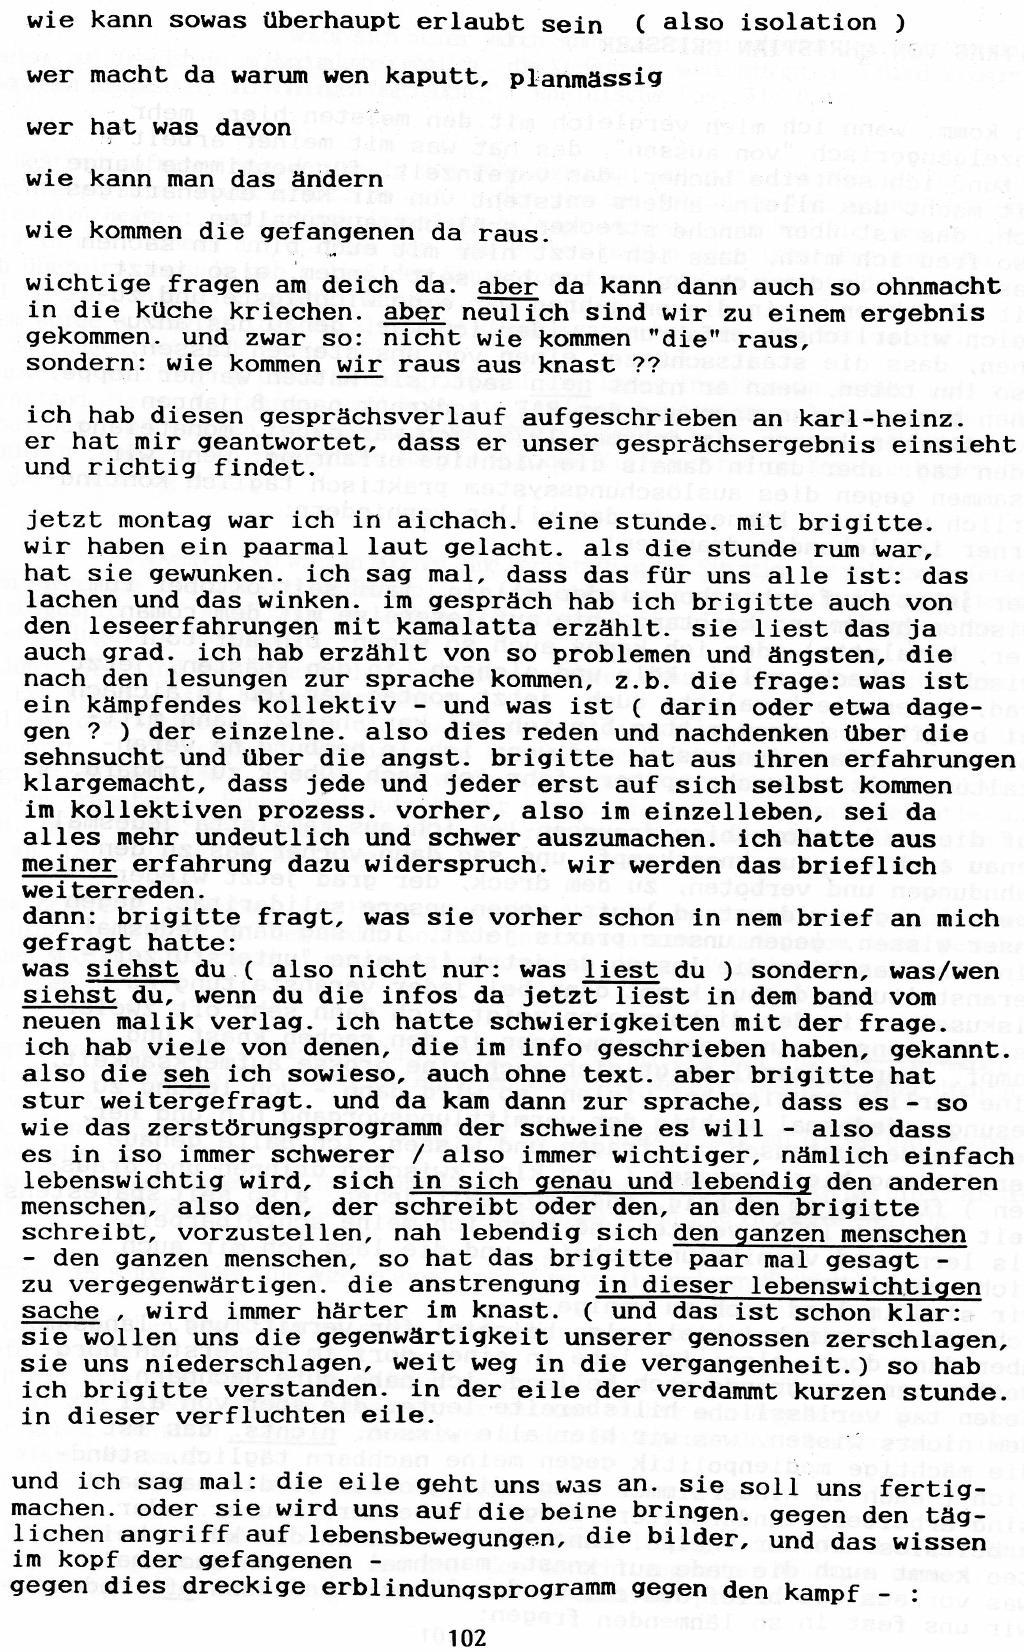 Duesseldorf_1989_Sechs_Politische_Gefangene_102